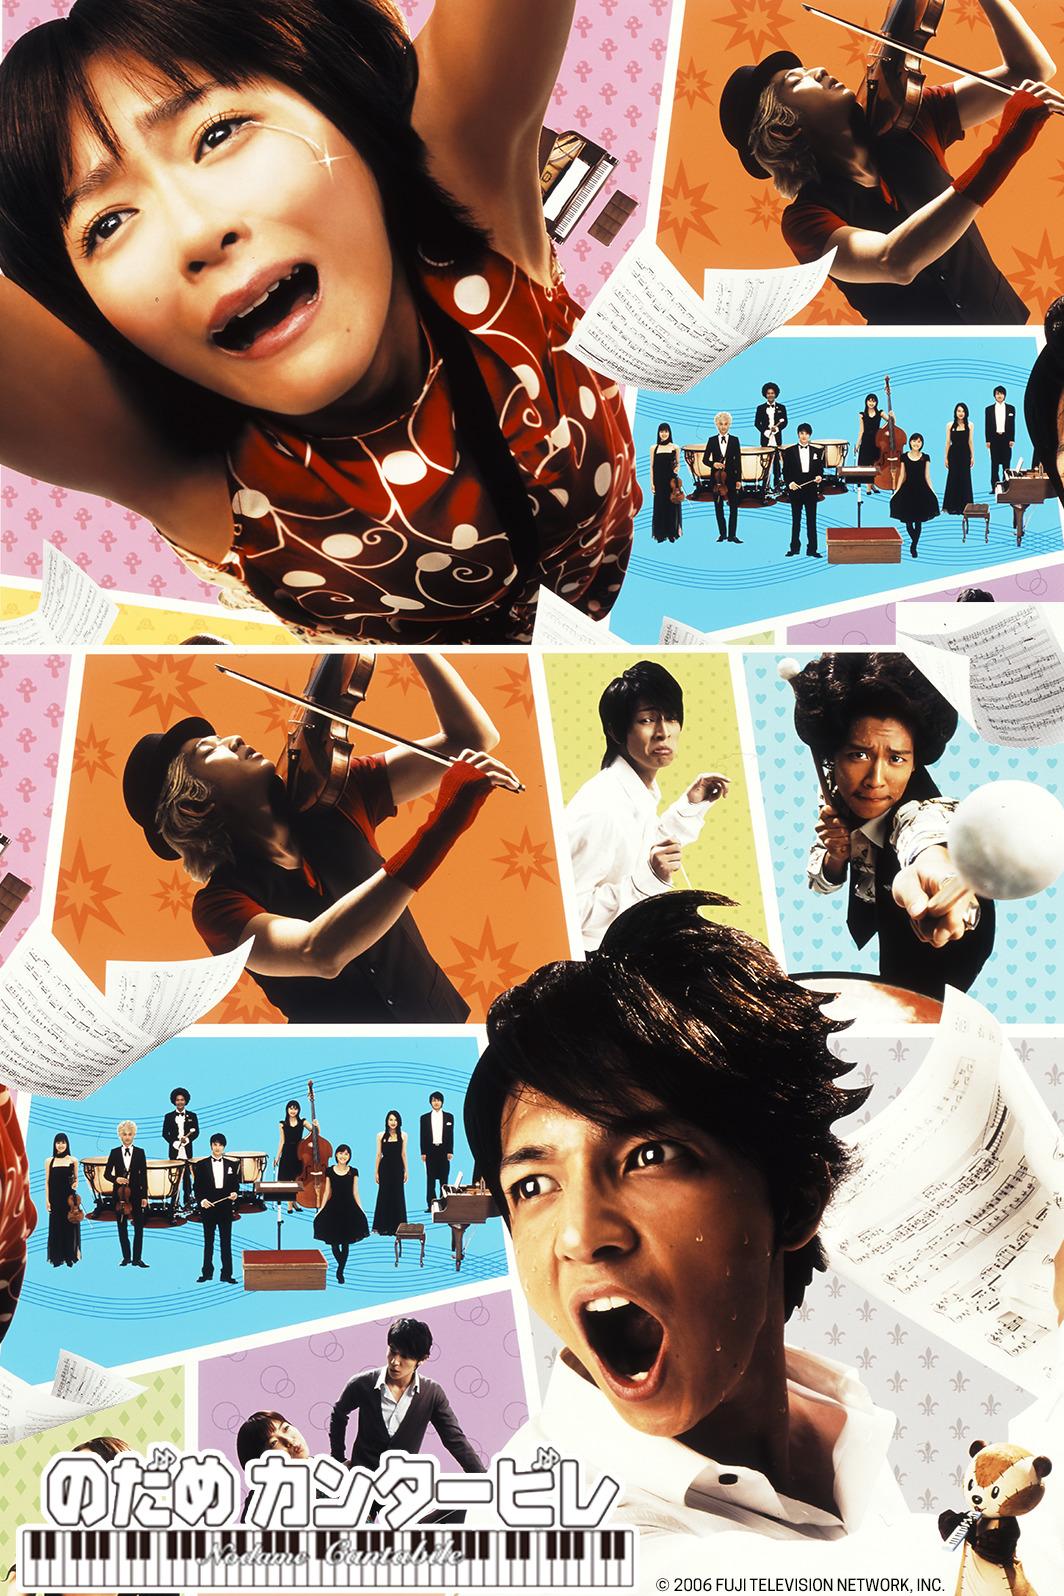 Nodame Cantabile (Drama) - Watch on Crunchyroll